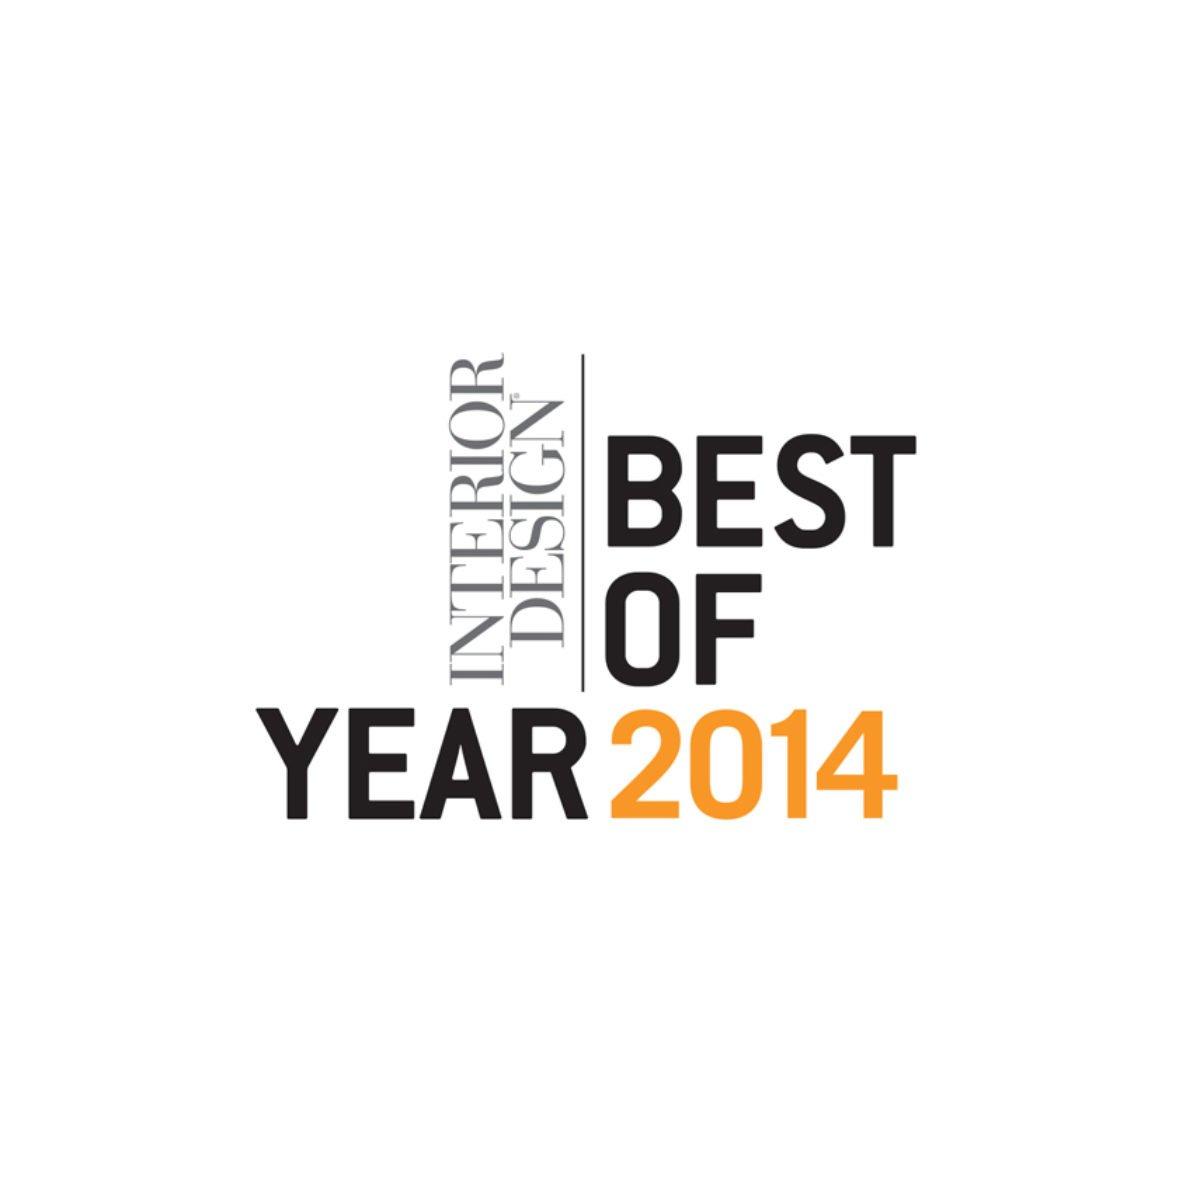 Interior Design Best of Year 2014 logo